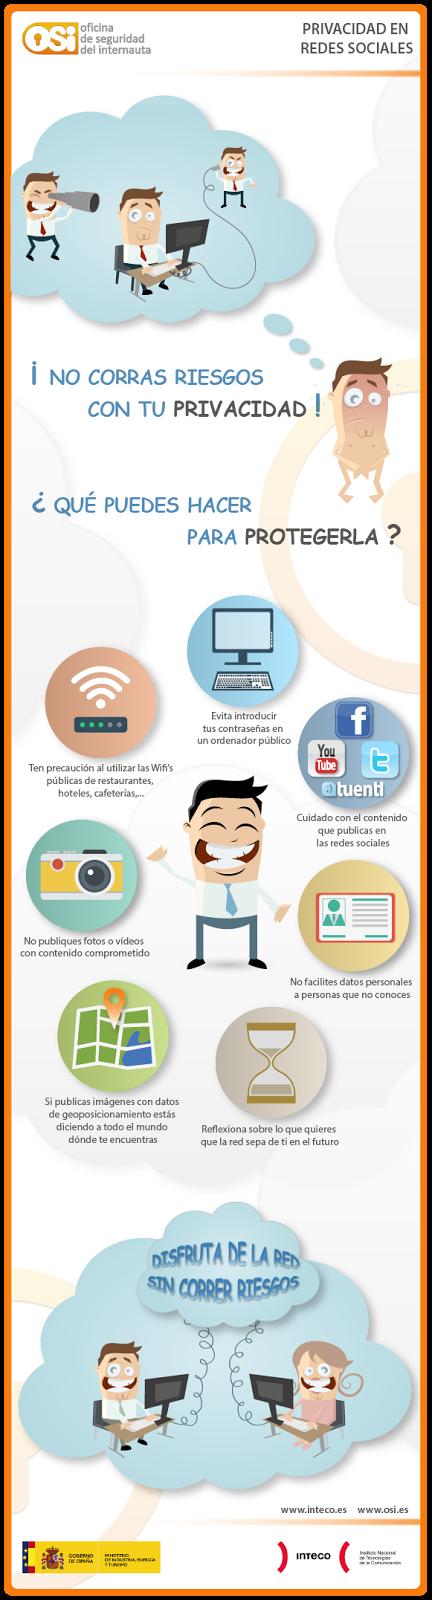 http://www.osi.es/es/actualidad/blog/2014/01/28/que-puedes-hacer-para-proteger-tu-privacidad?origen=rs_facebook